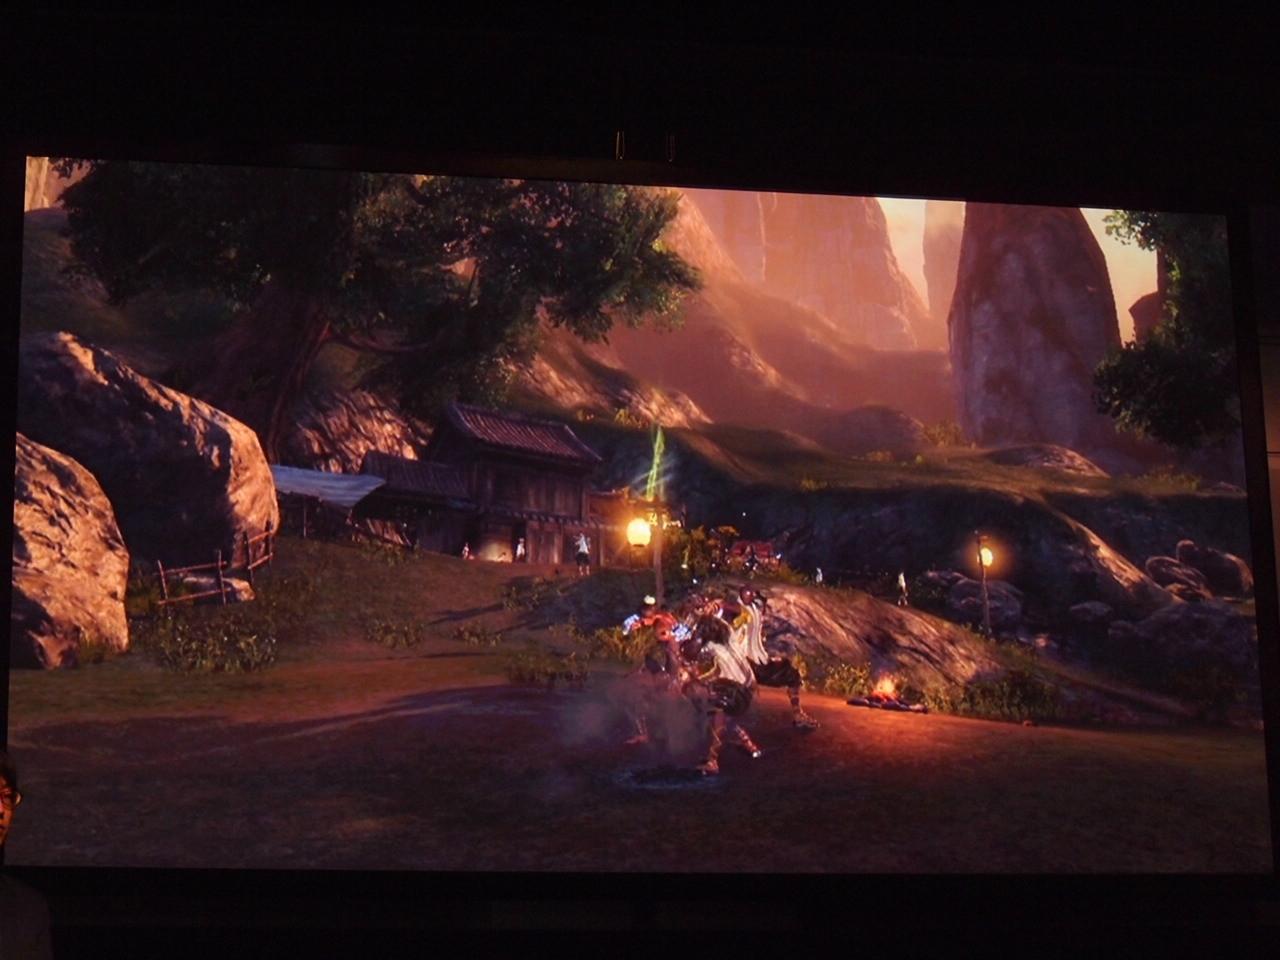 ゲーム内時間にあわせて太陽も動く。日中、夕暮れ、太陽が完全に沈んだ夜も確認できた